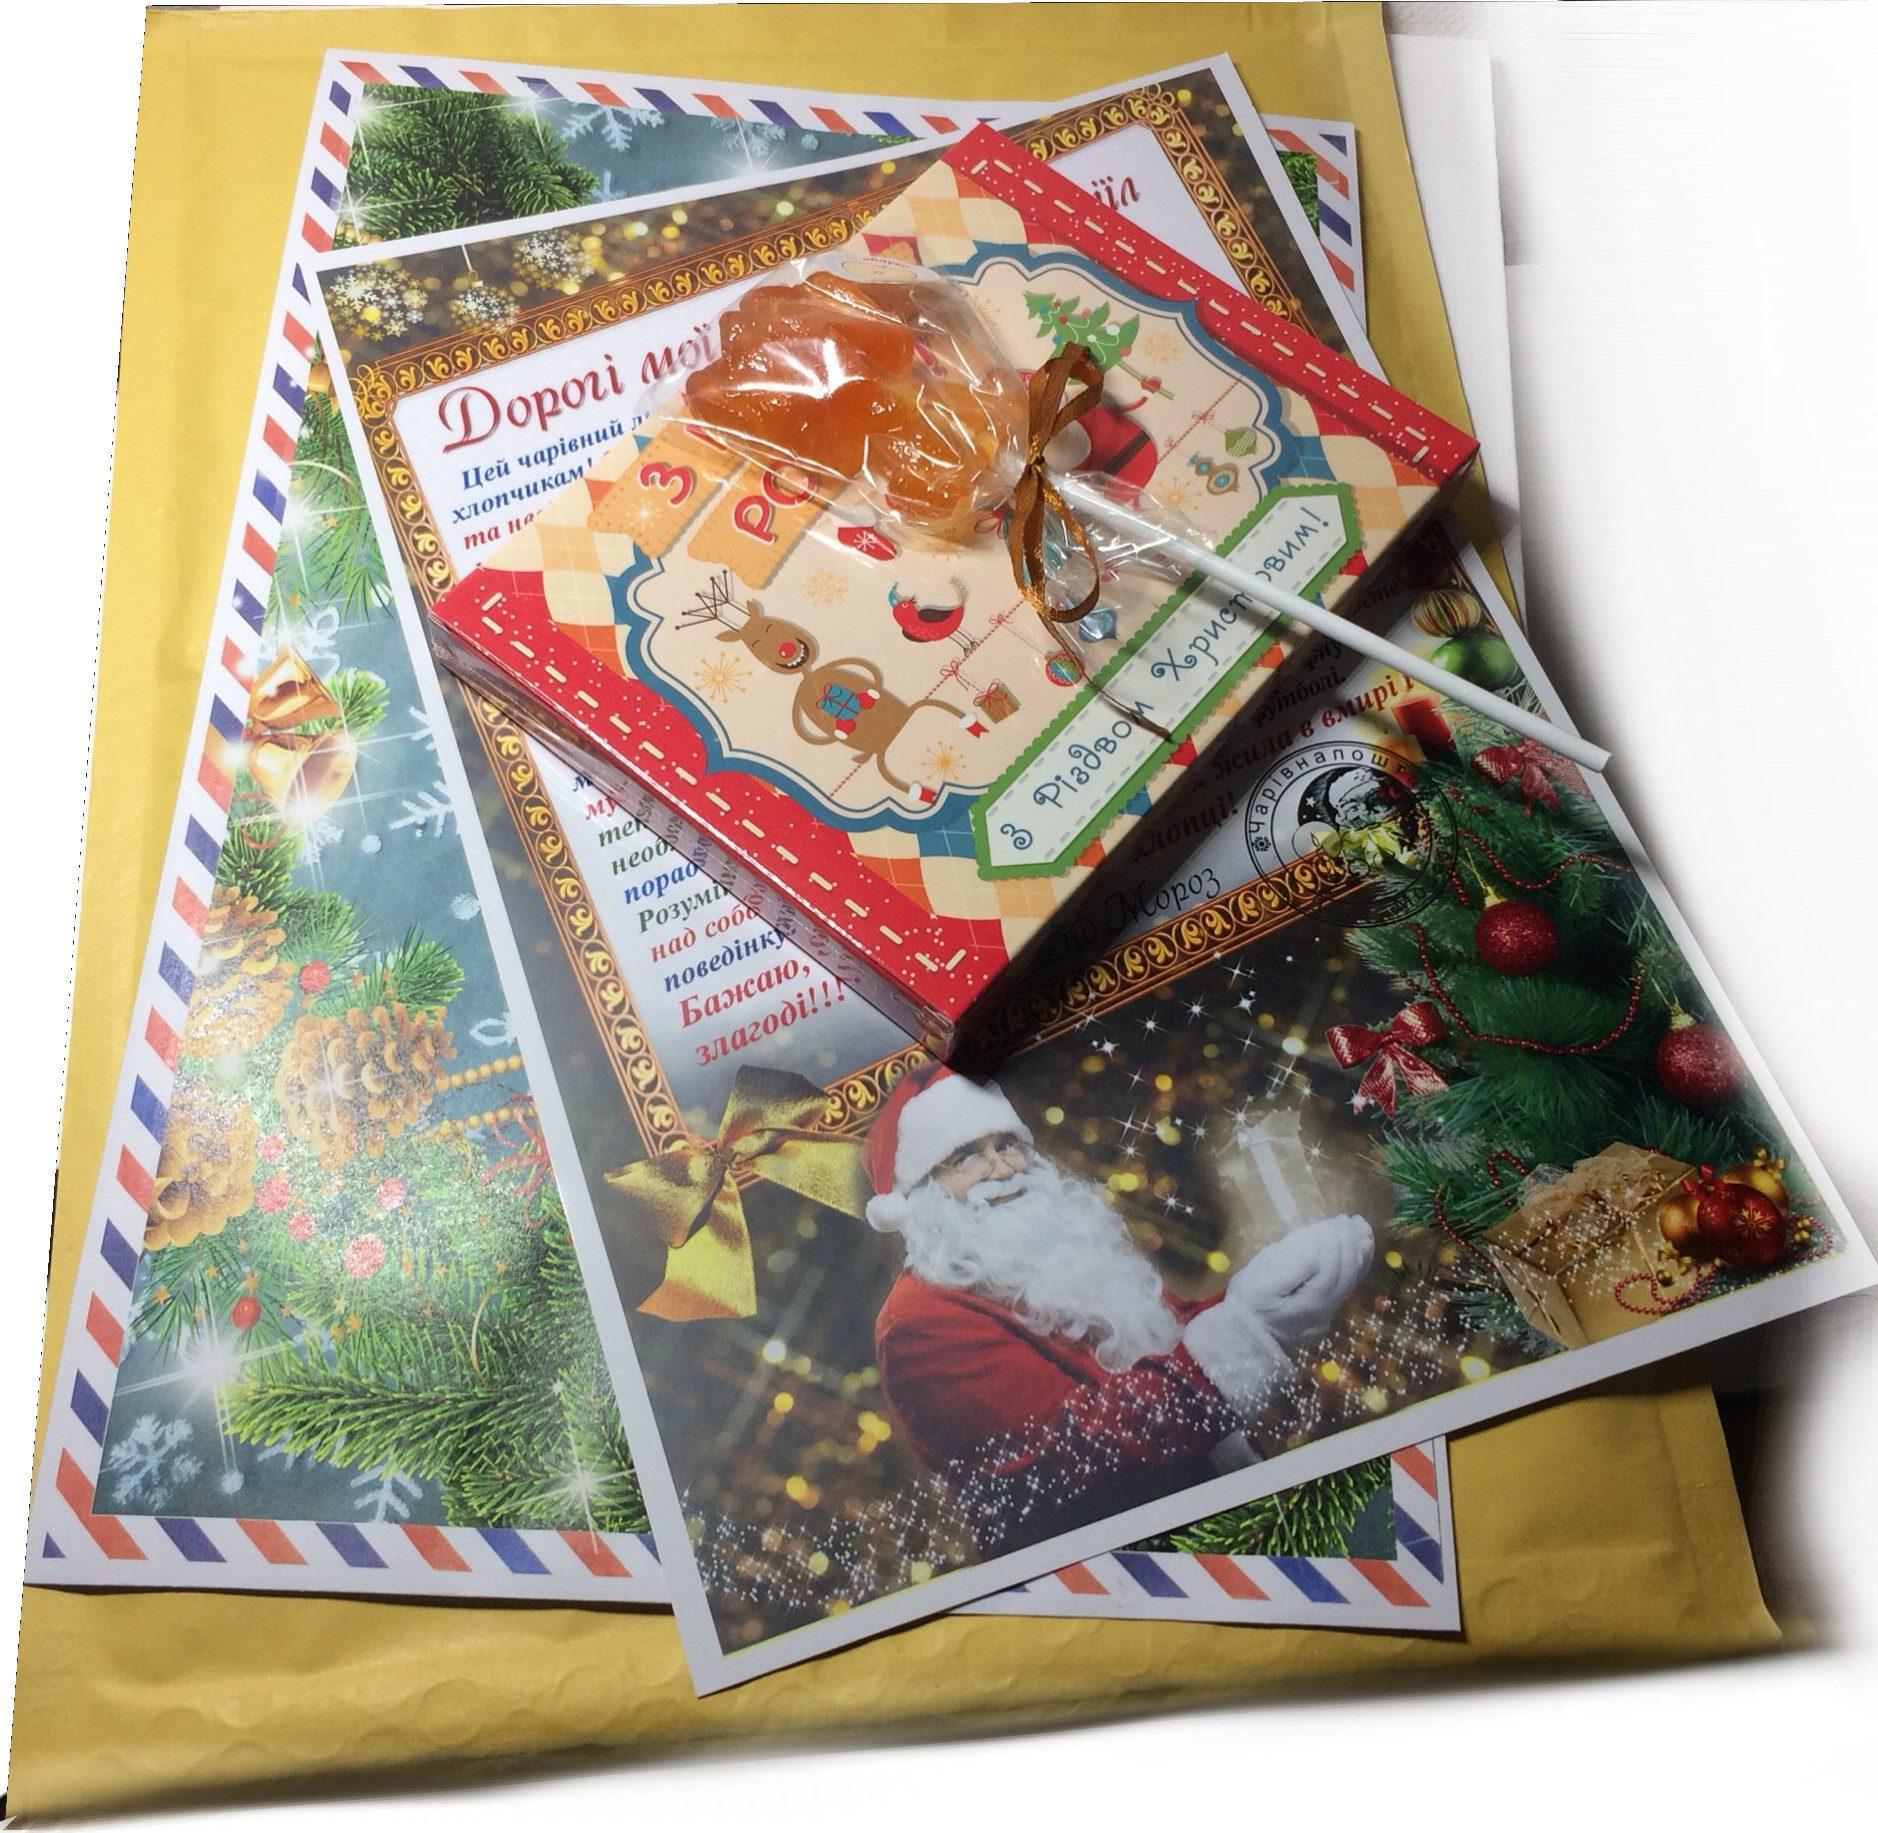 Книга: Подарки от Деда Мороза для мальчика. Купить книгу 61